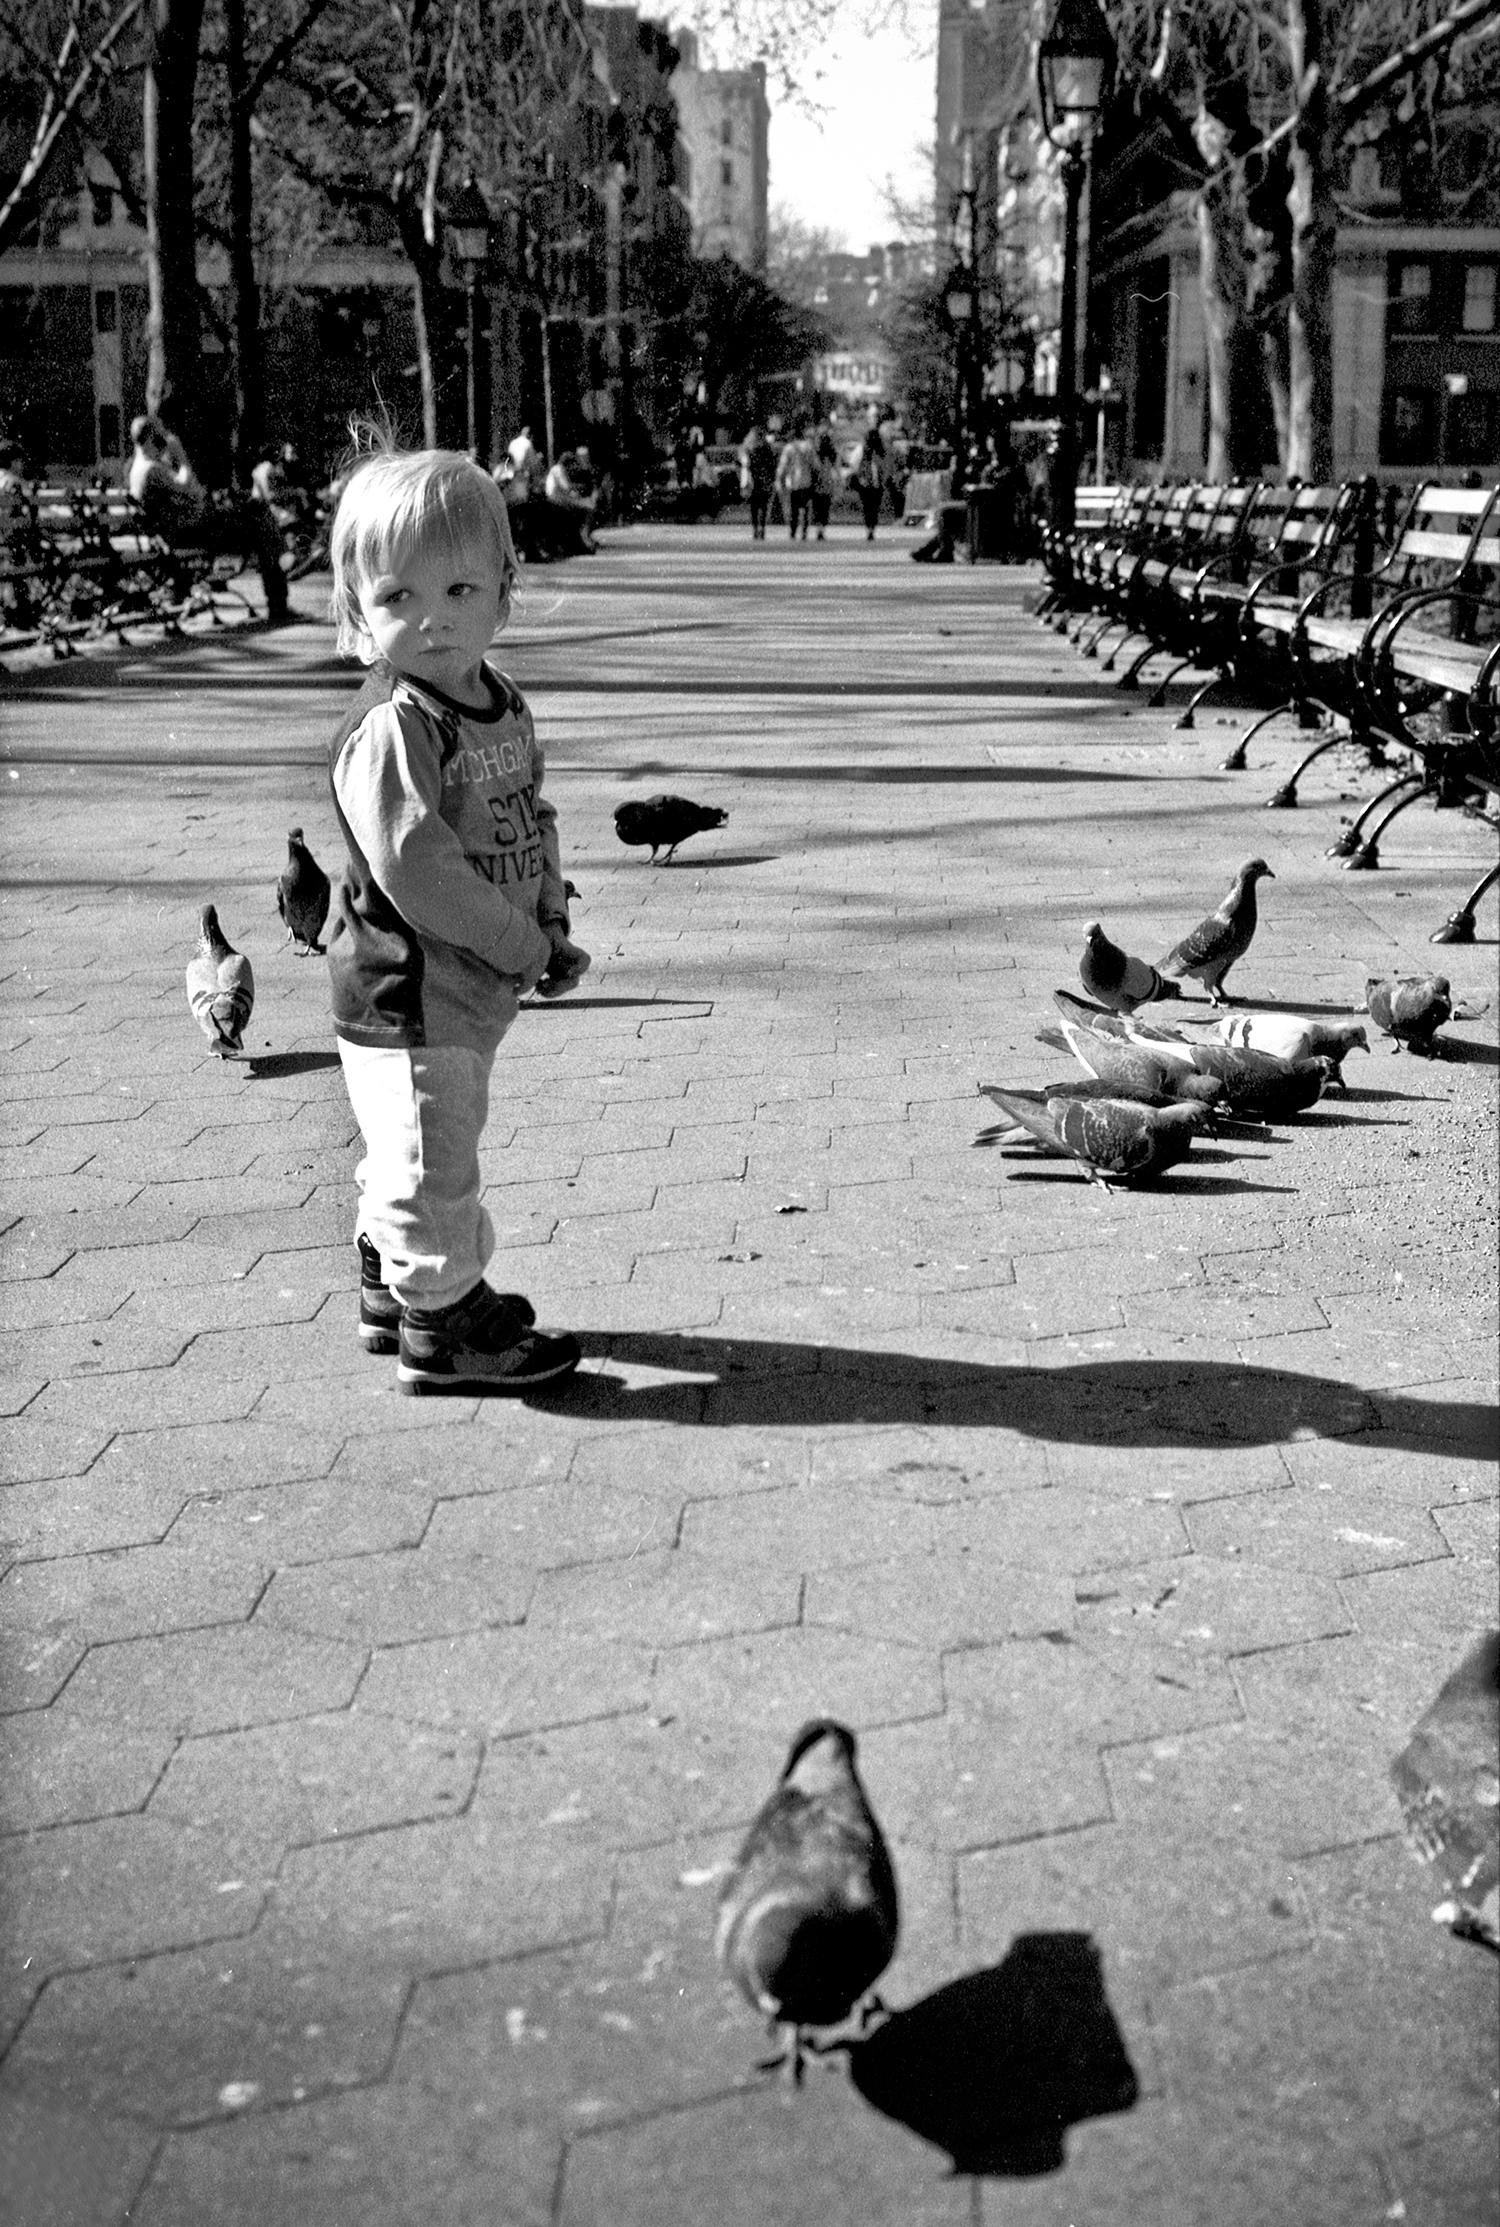 bird_child.jpg